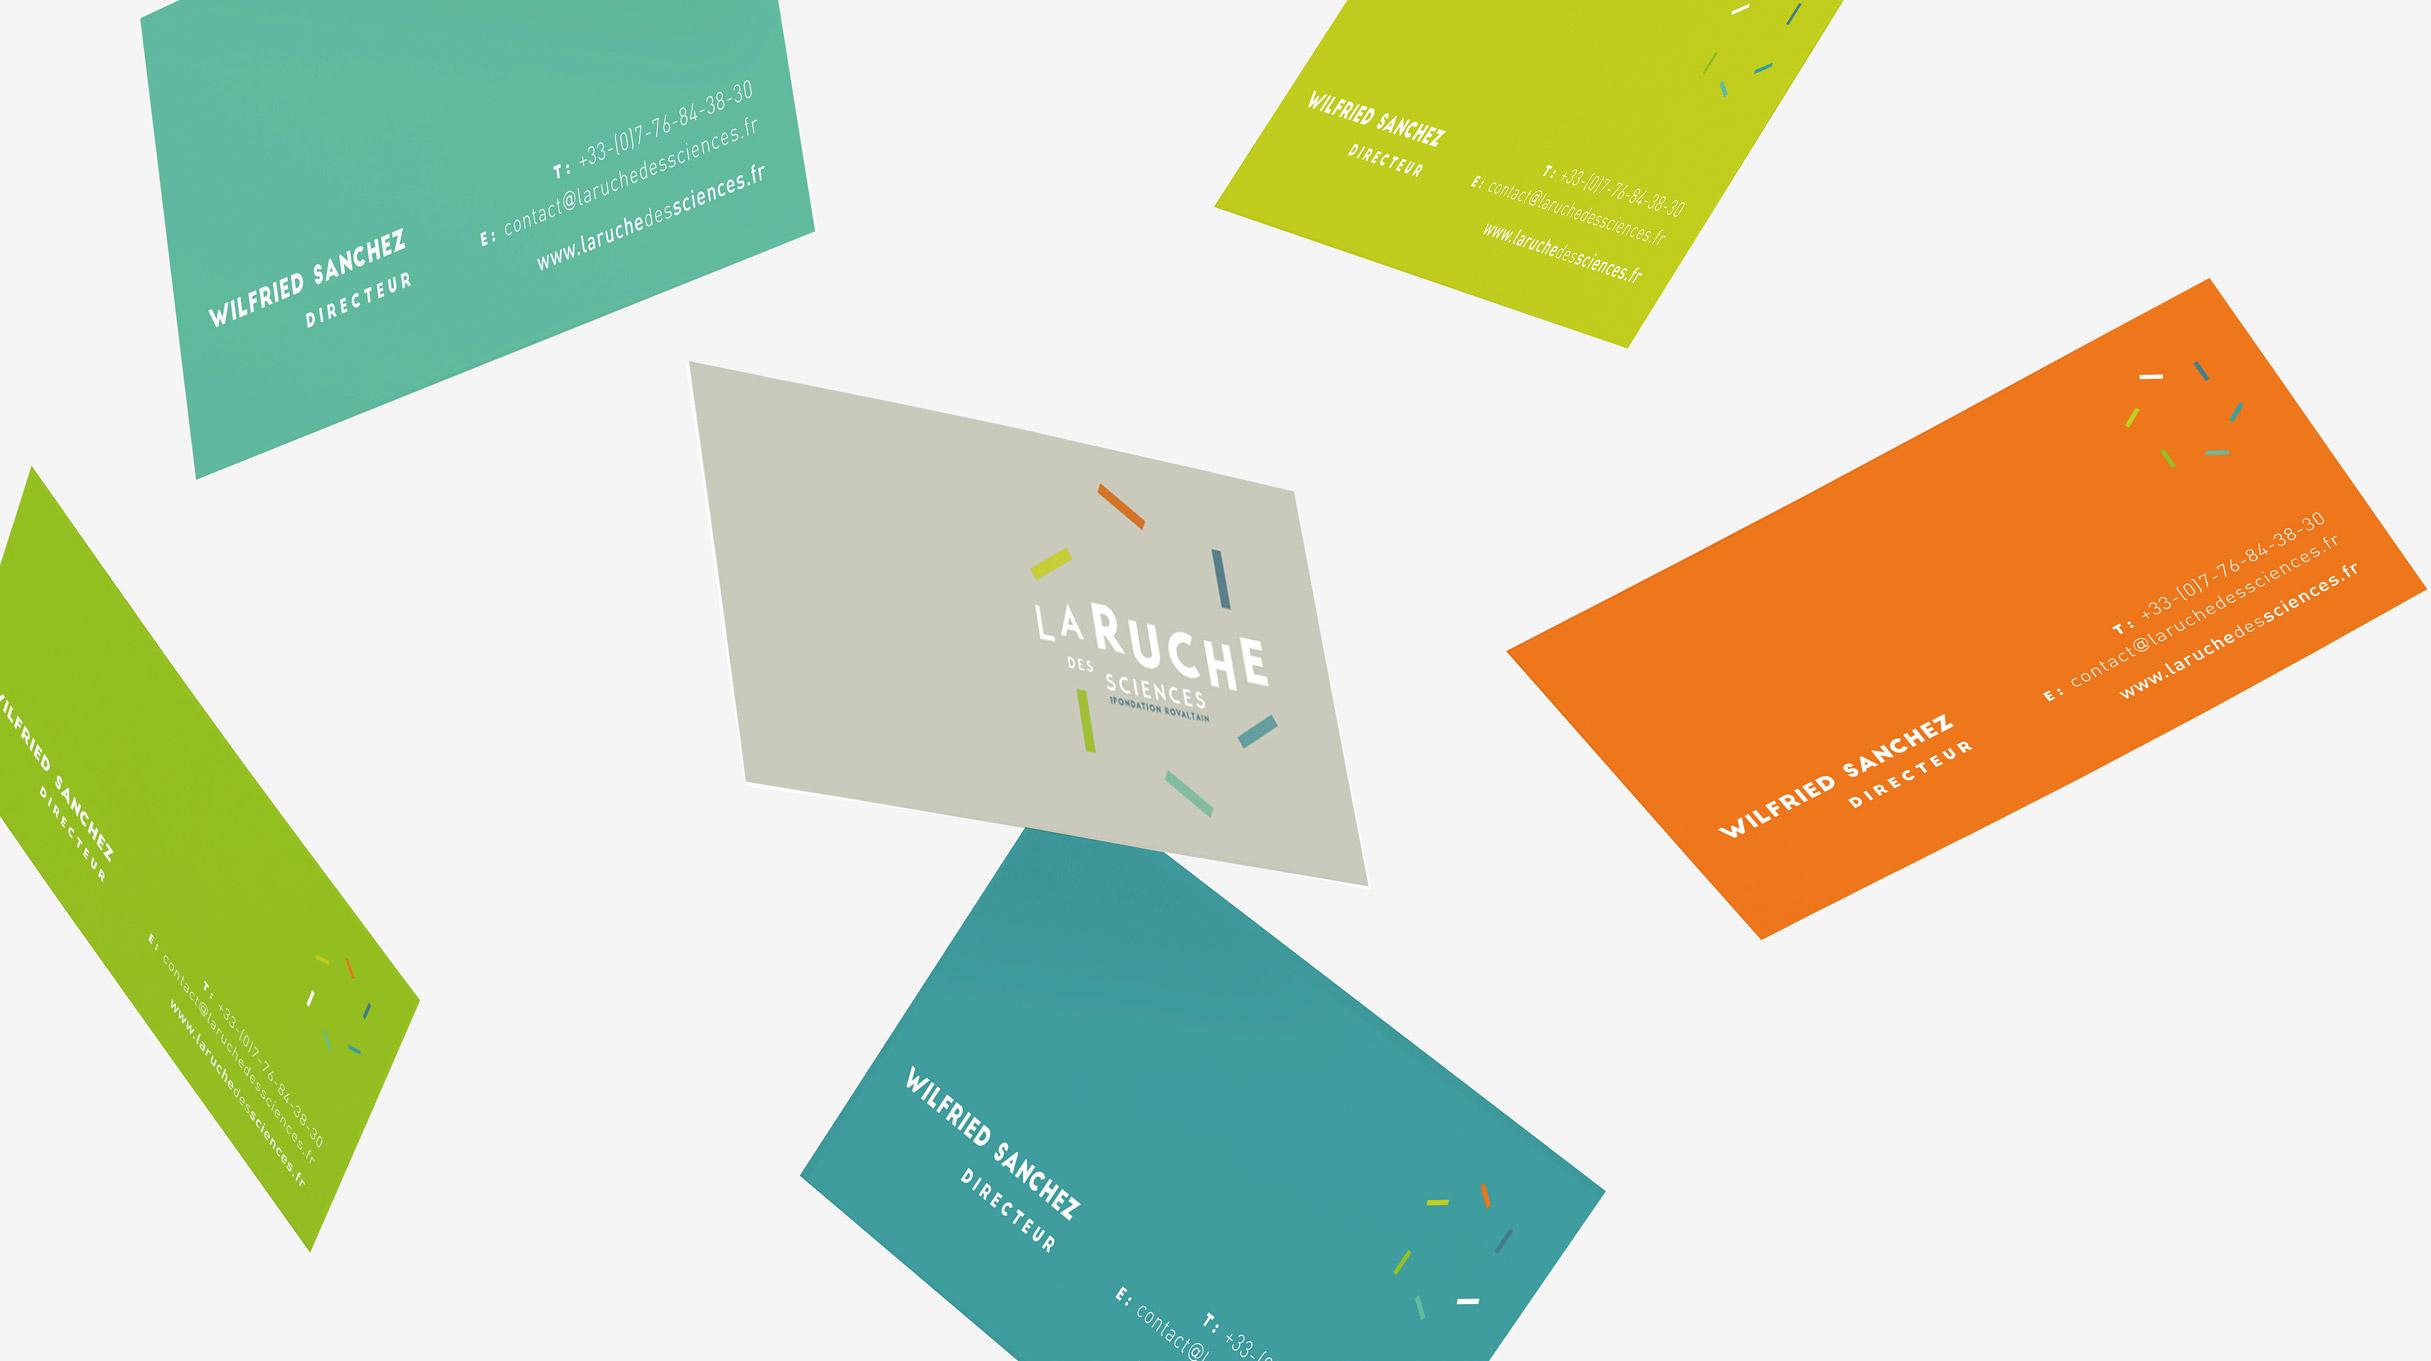 la_ruche_des_sciences_5